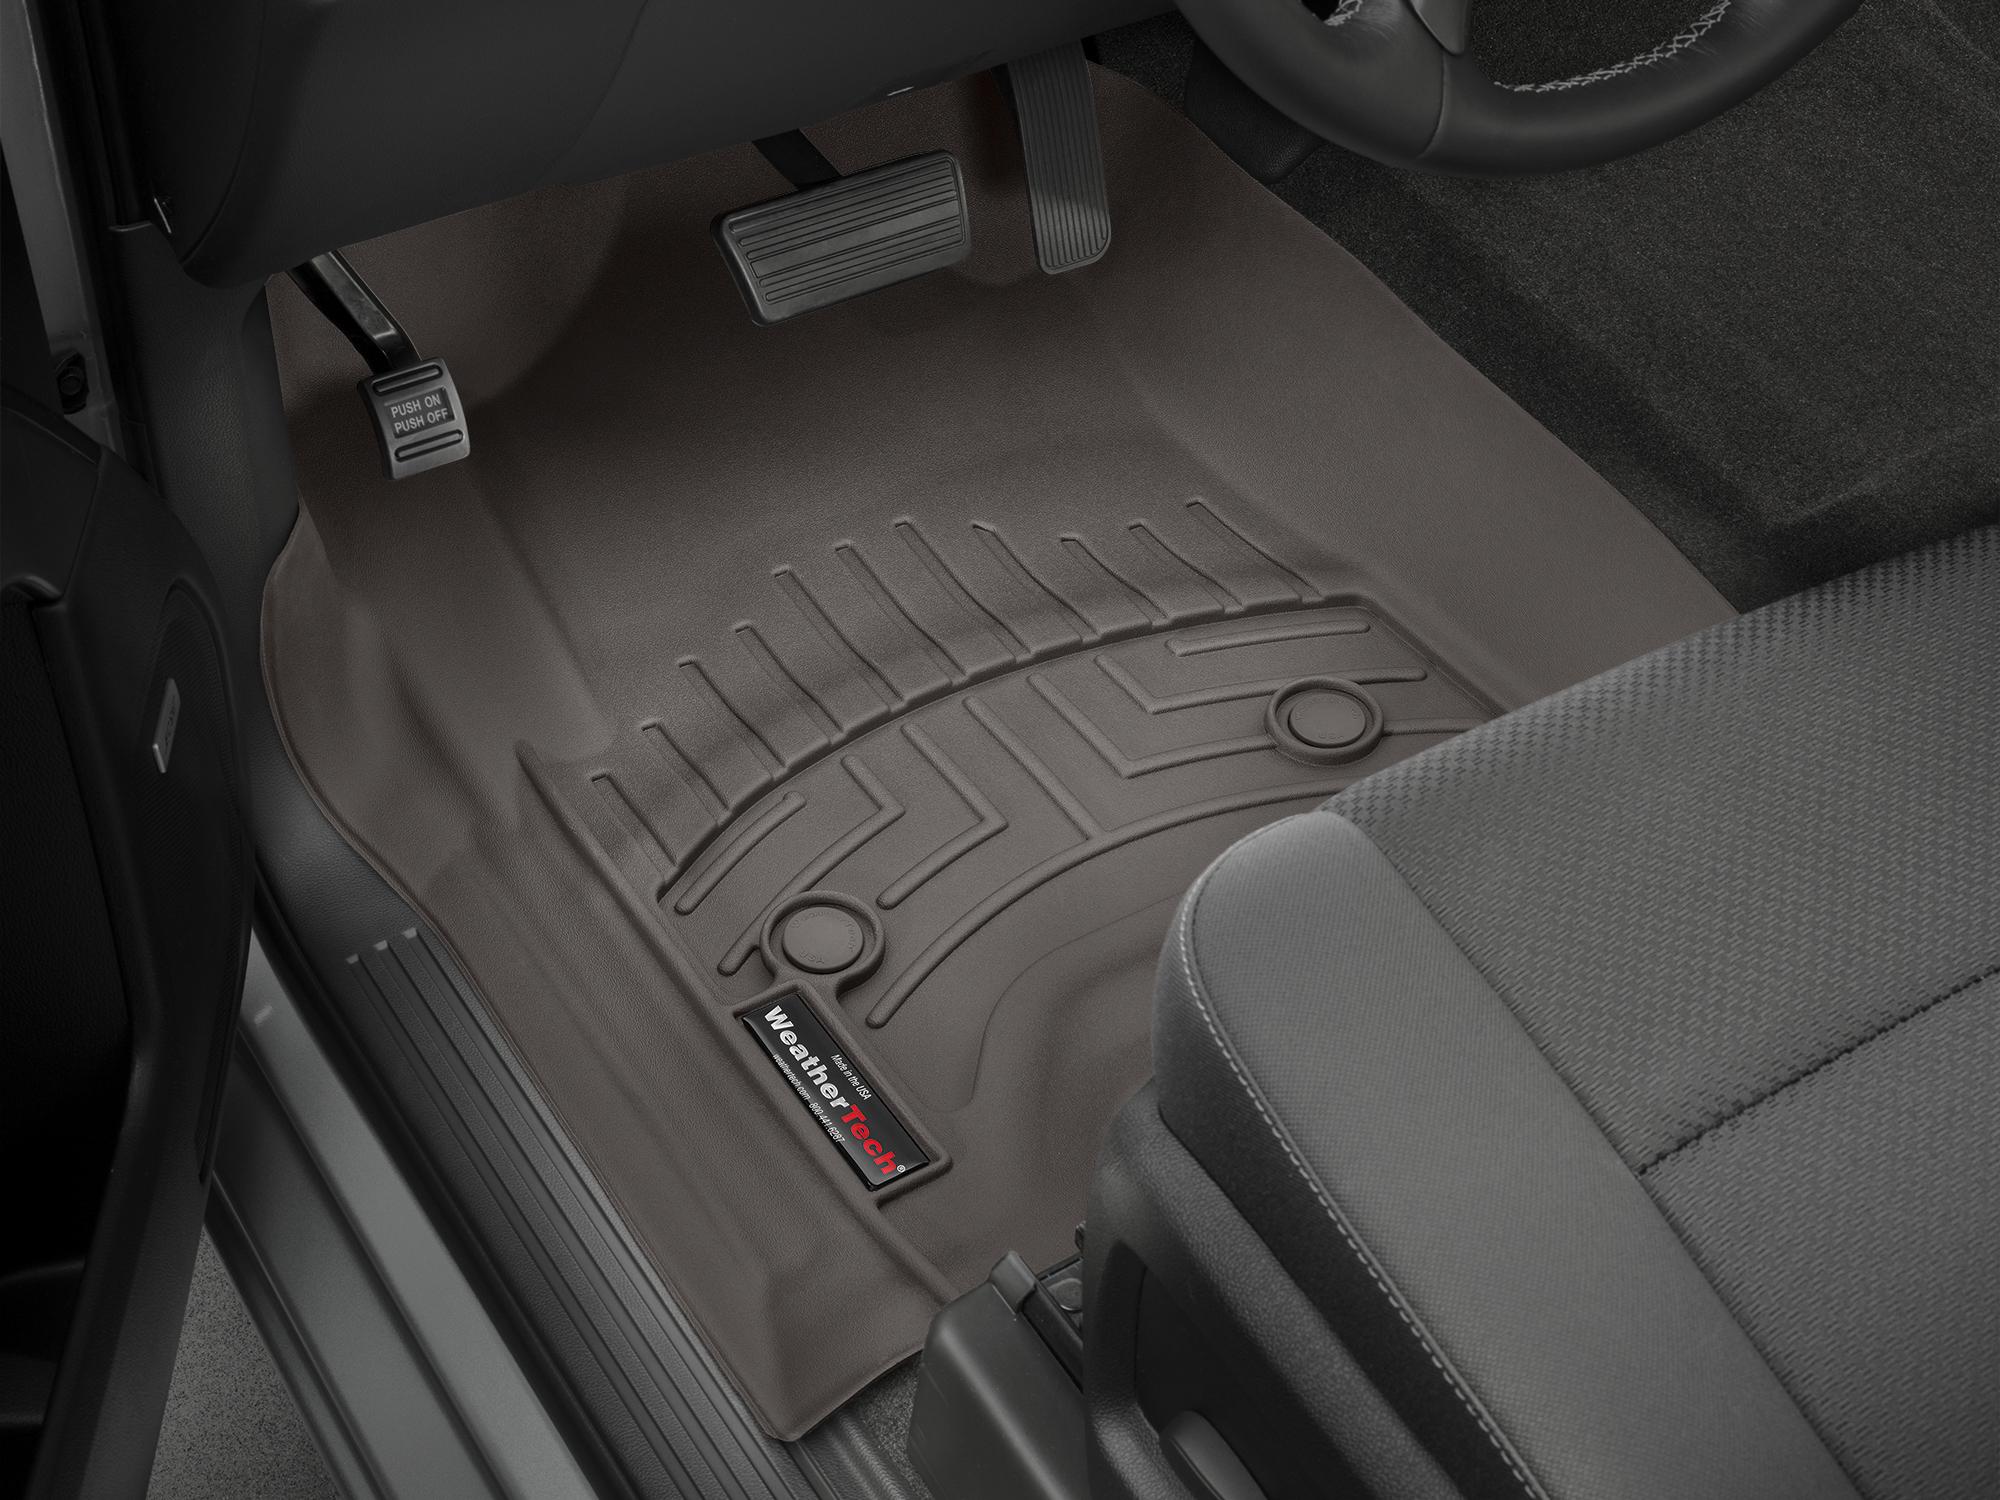 Tappeti gomma su misura bordo alto Chevrolet Silverado 14>17 Cacao A192